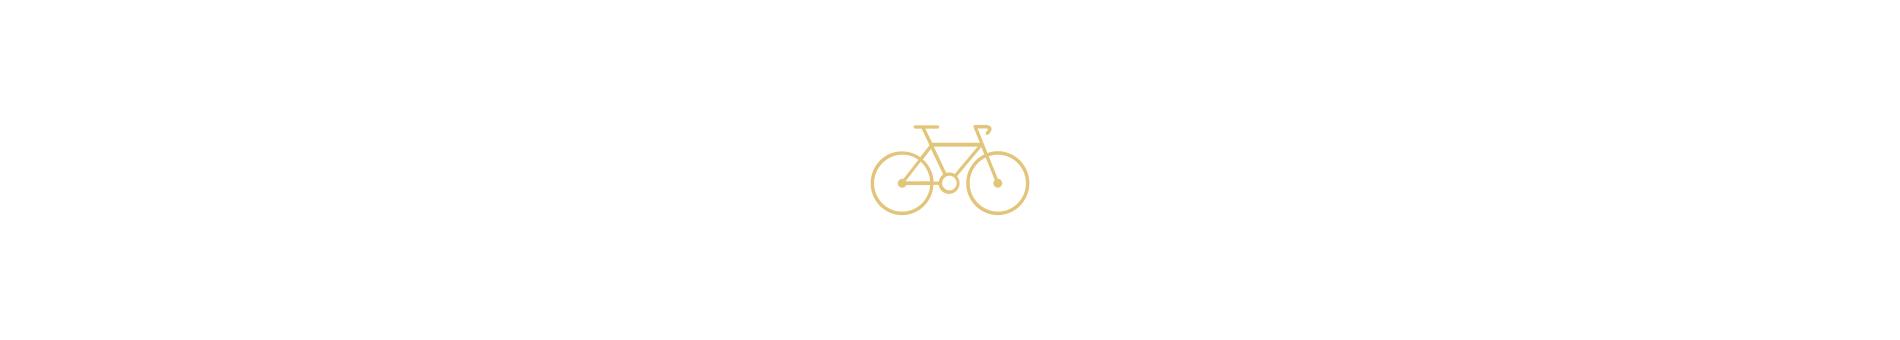 Accessoires auto - vélo - mobilité